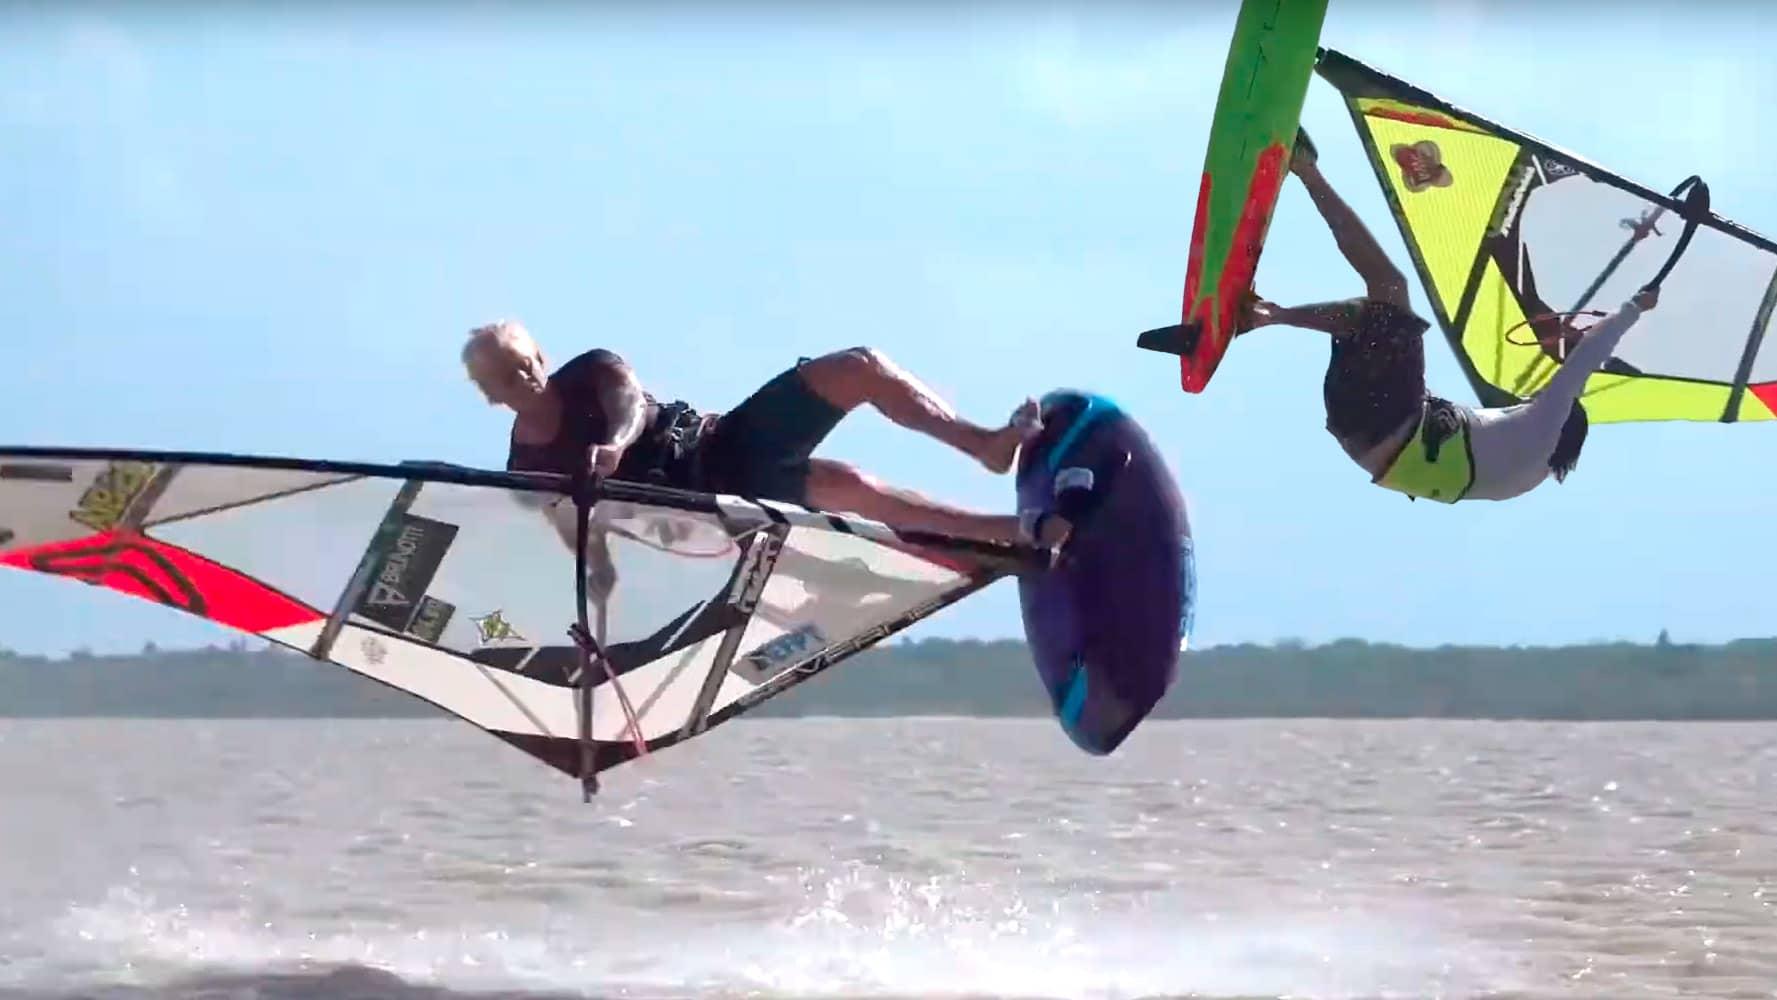 Amado Vrieswijk & Dieter van der Eyken in Brazil